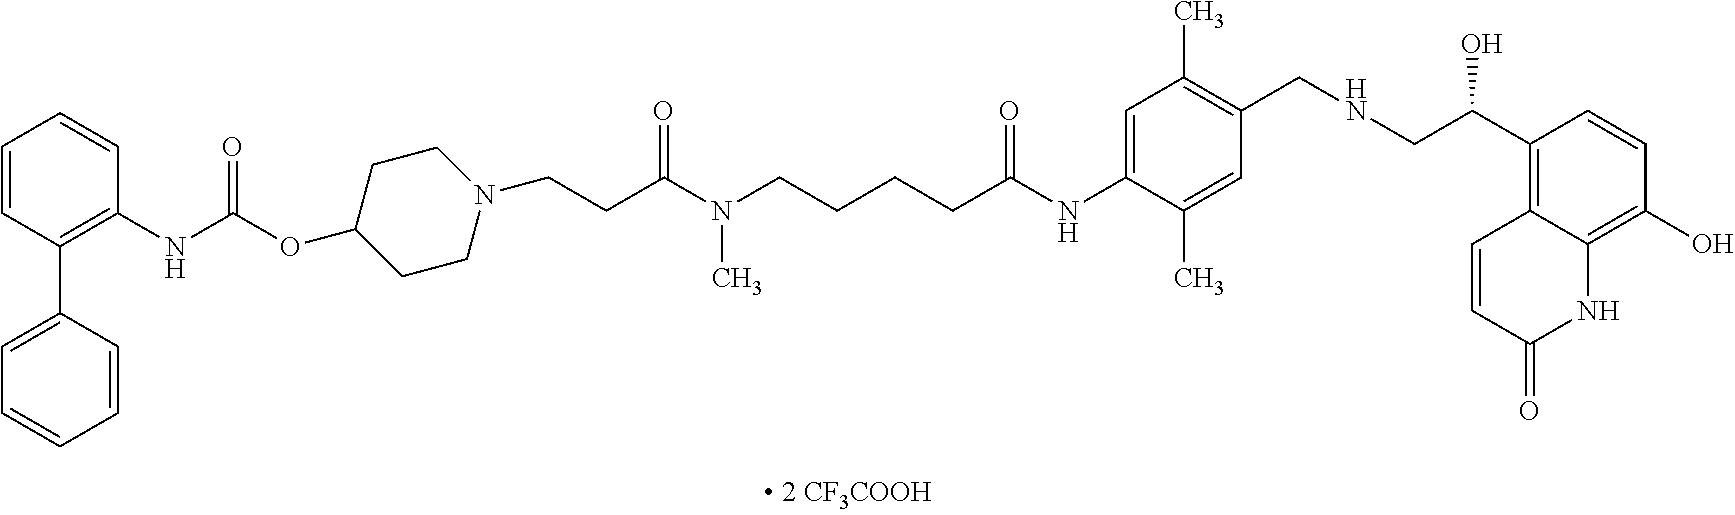 Figure US10138220-20181127-C00260